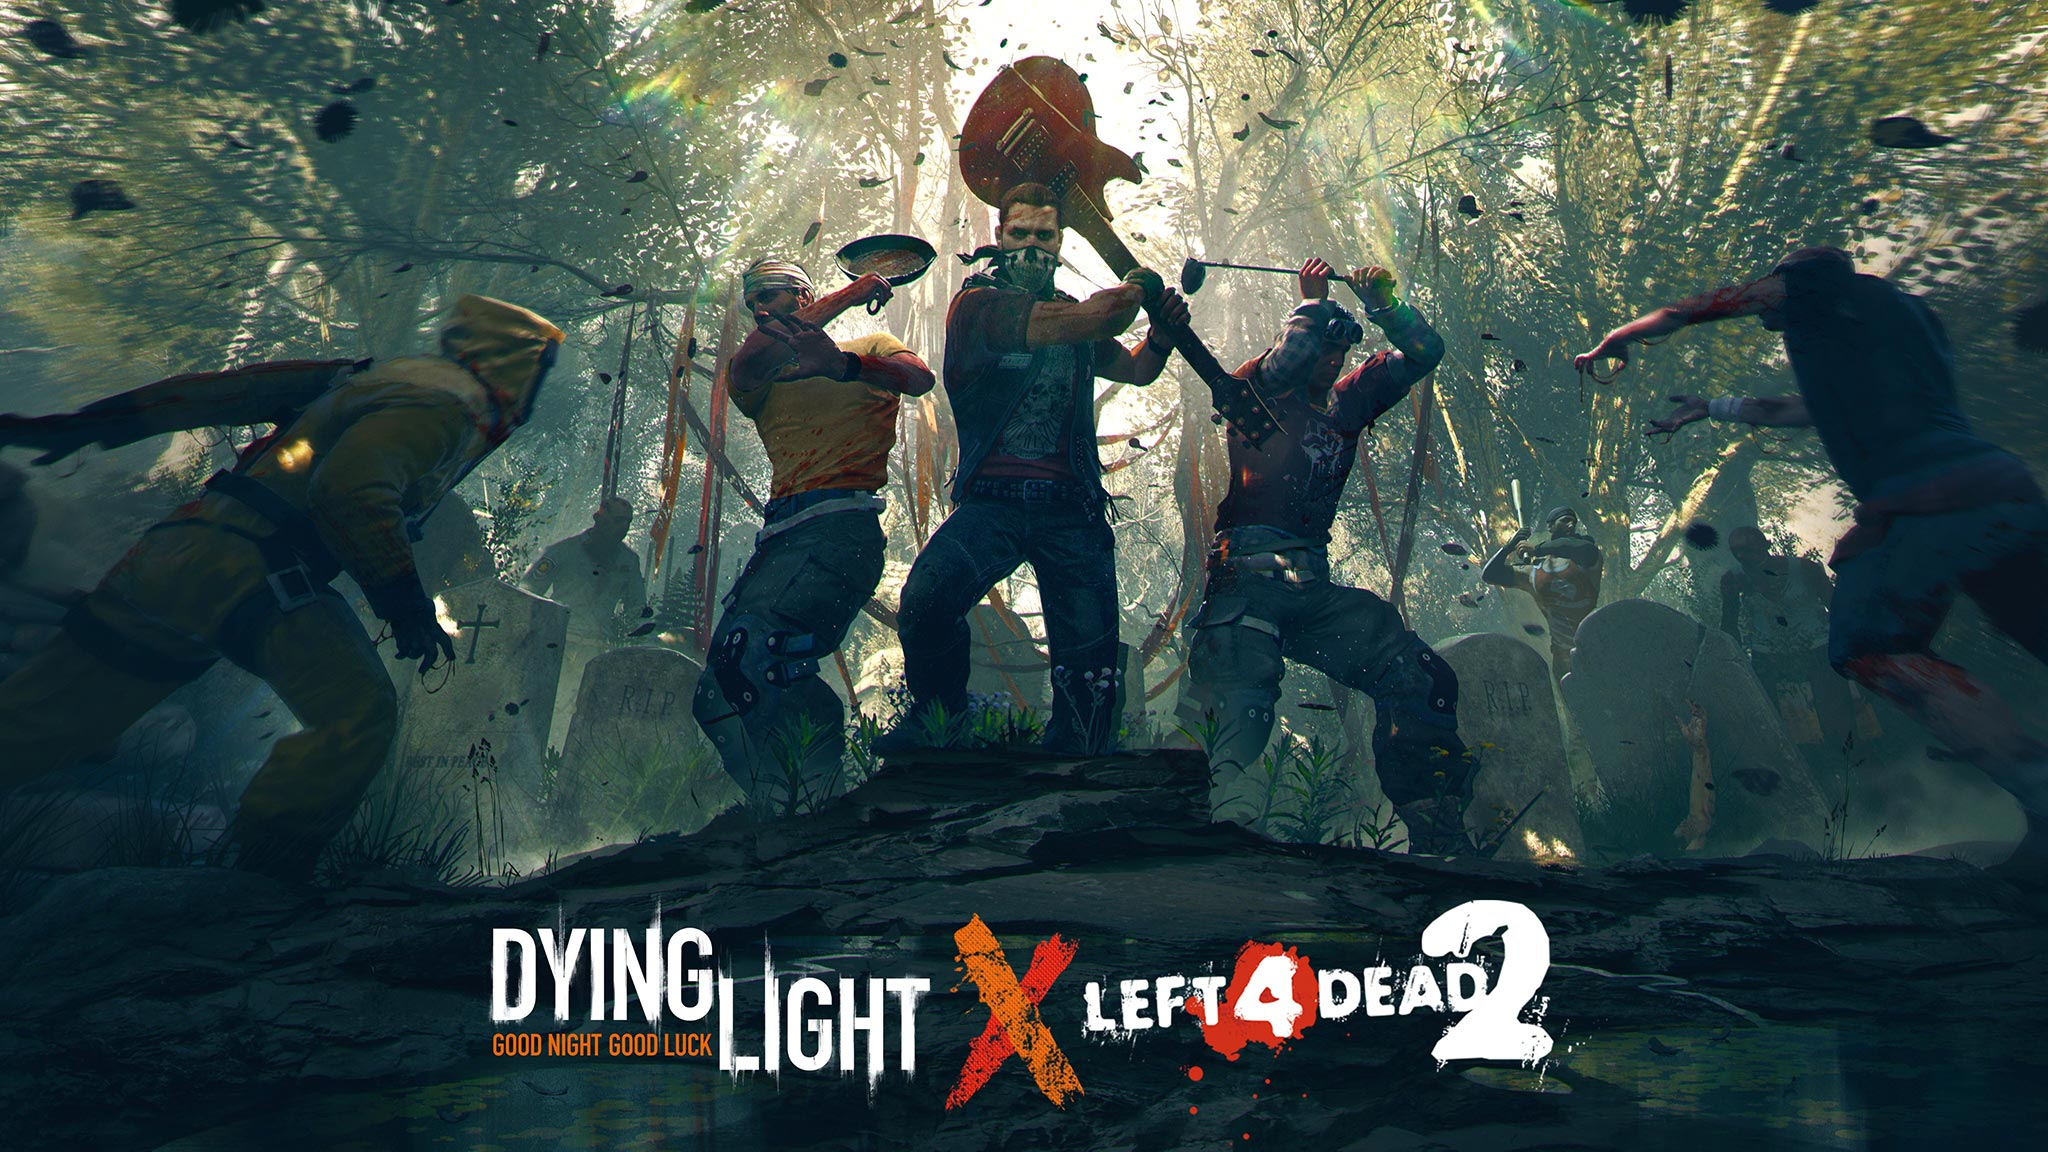 Dying Light i Left 4 Dead 2 - co wyjdzie z takiego połączenia?